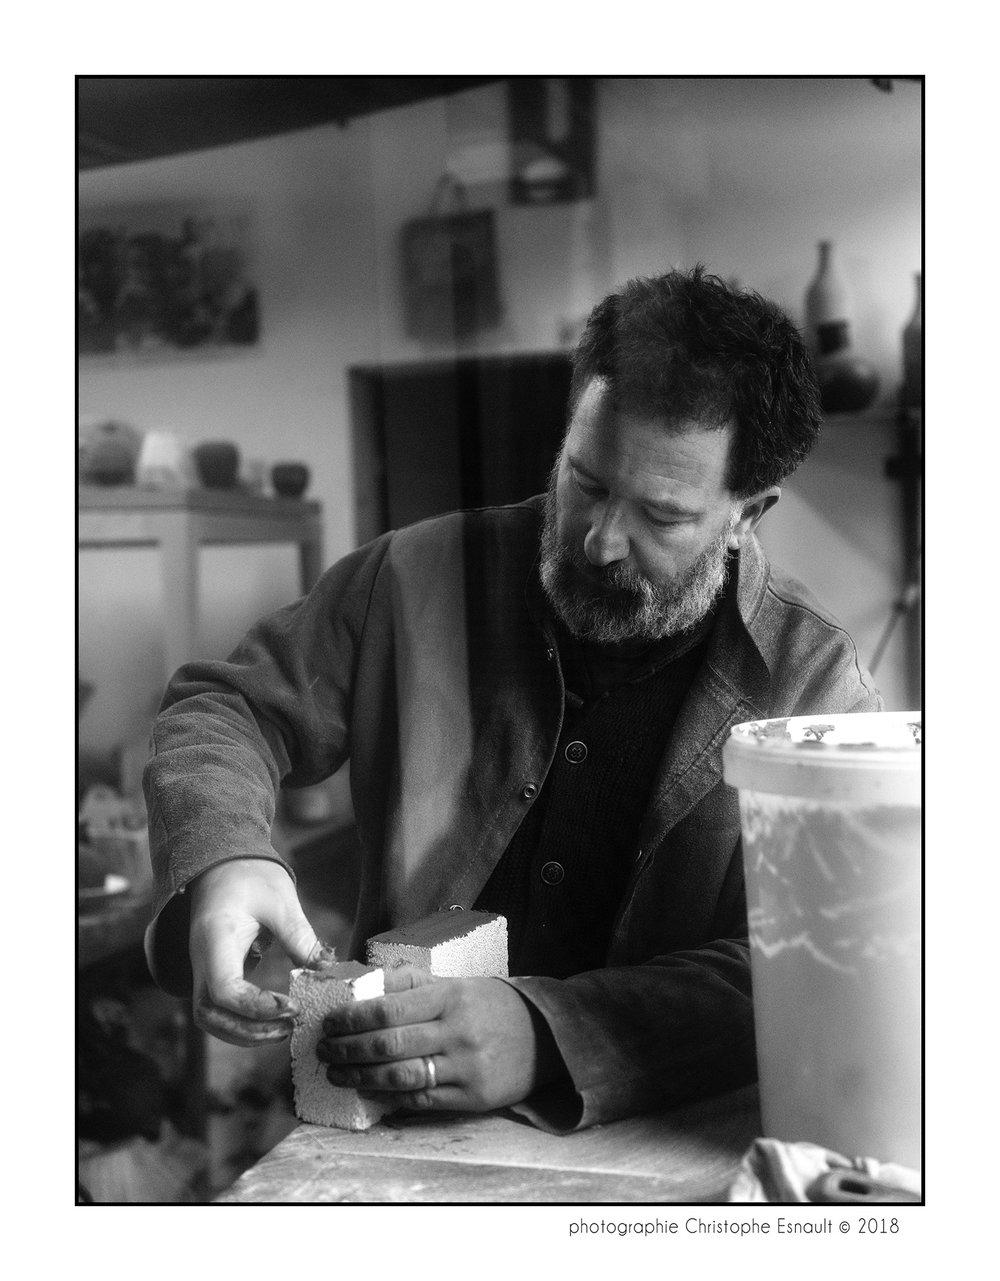 - Micheal Buckley commence à manipuler la terre lorsqu'il est au lycée. À la suite de cette rencontre avec la matière il décide de devenir apprenti potier, avant d'entrer au Kansas City Art Institute puis d'entreprendre des études de cinéma à Columbia College, de Chicago.Installé en France depuis 15 ans, Michael Buckley décide de revenir naturellement à la pratique de la céramique.Passionné par l'Histoire de la céramique et la chimie entre les émaux et la terre, il glane des terres et expérimente tout types de cuissons, au four électrique, au four à gaz, pour laisser le hasard révéler les plus belles couleurs de ces matériaux naturels. Son travail se distingue par des formes simples et épurées à laquelle s'ajoute une recherche constante de la surface et des textures.